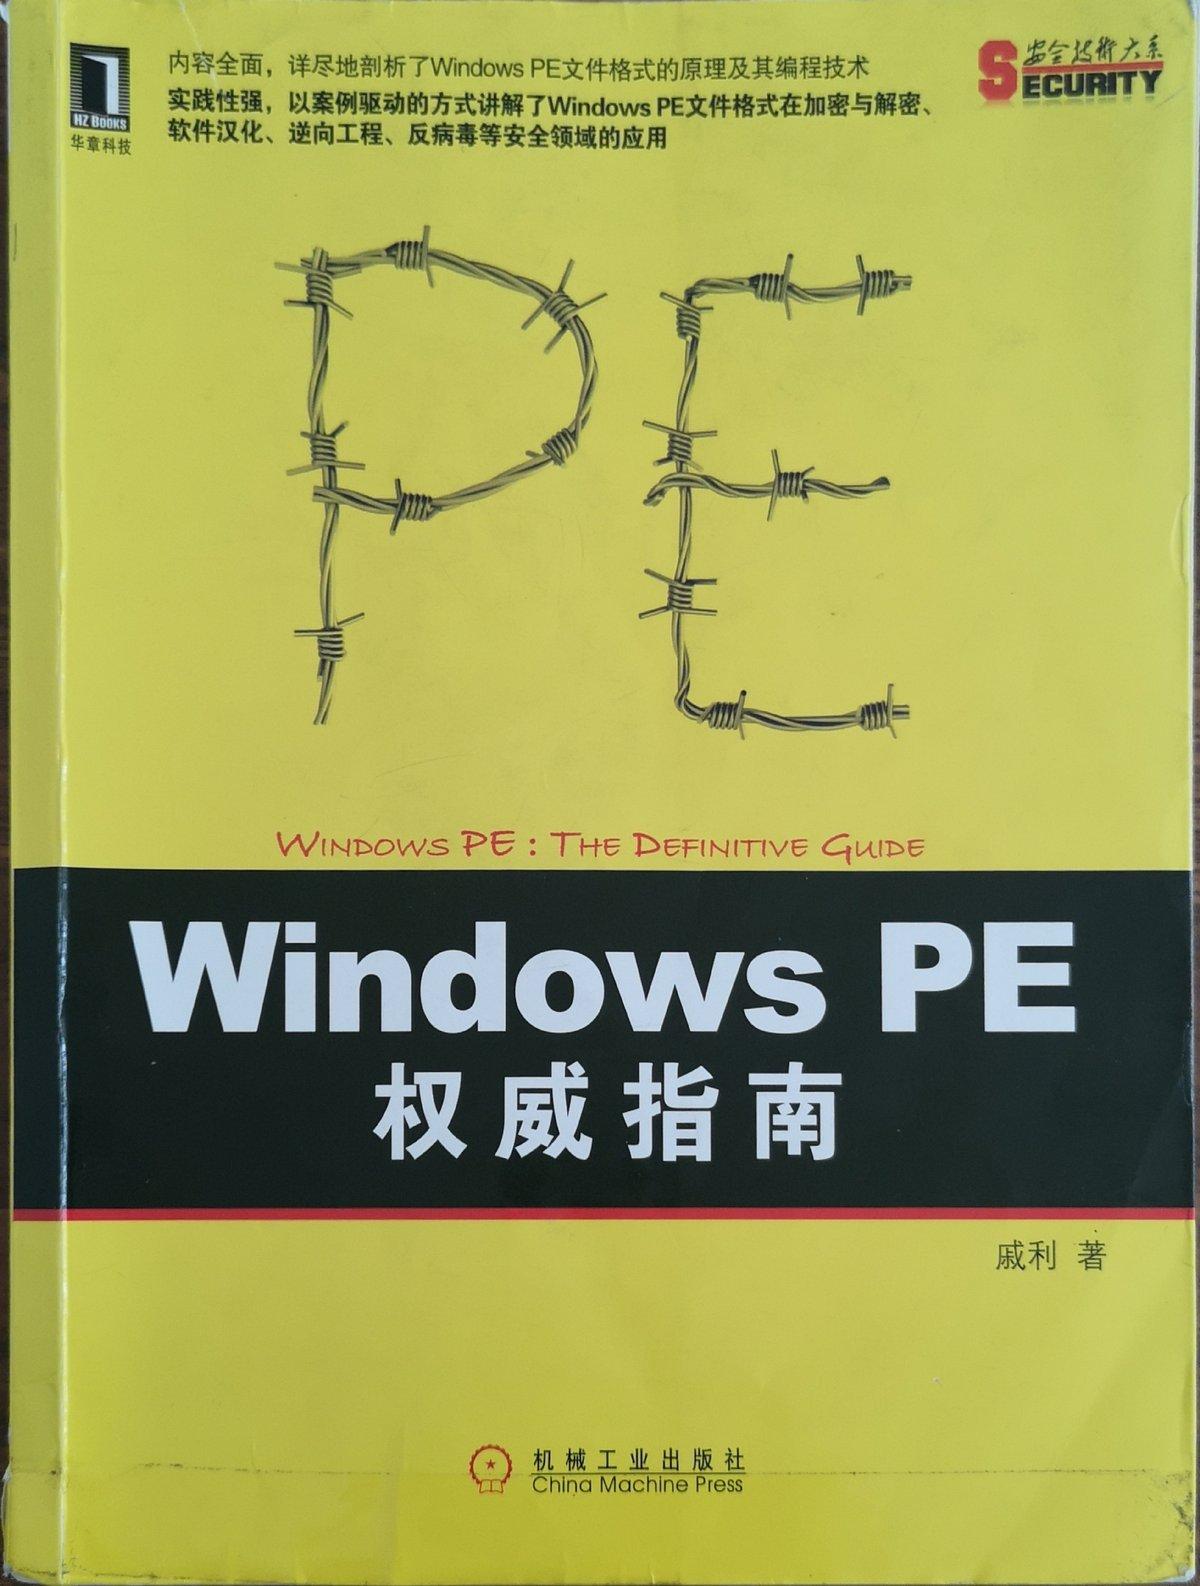 《Windows PE权威指南》